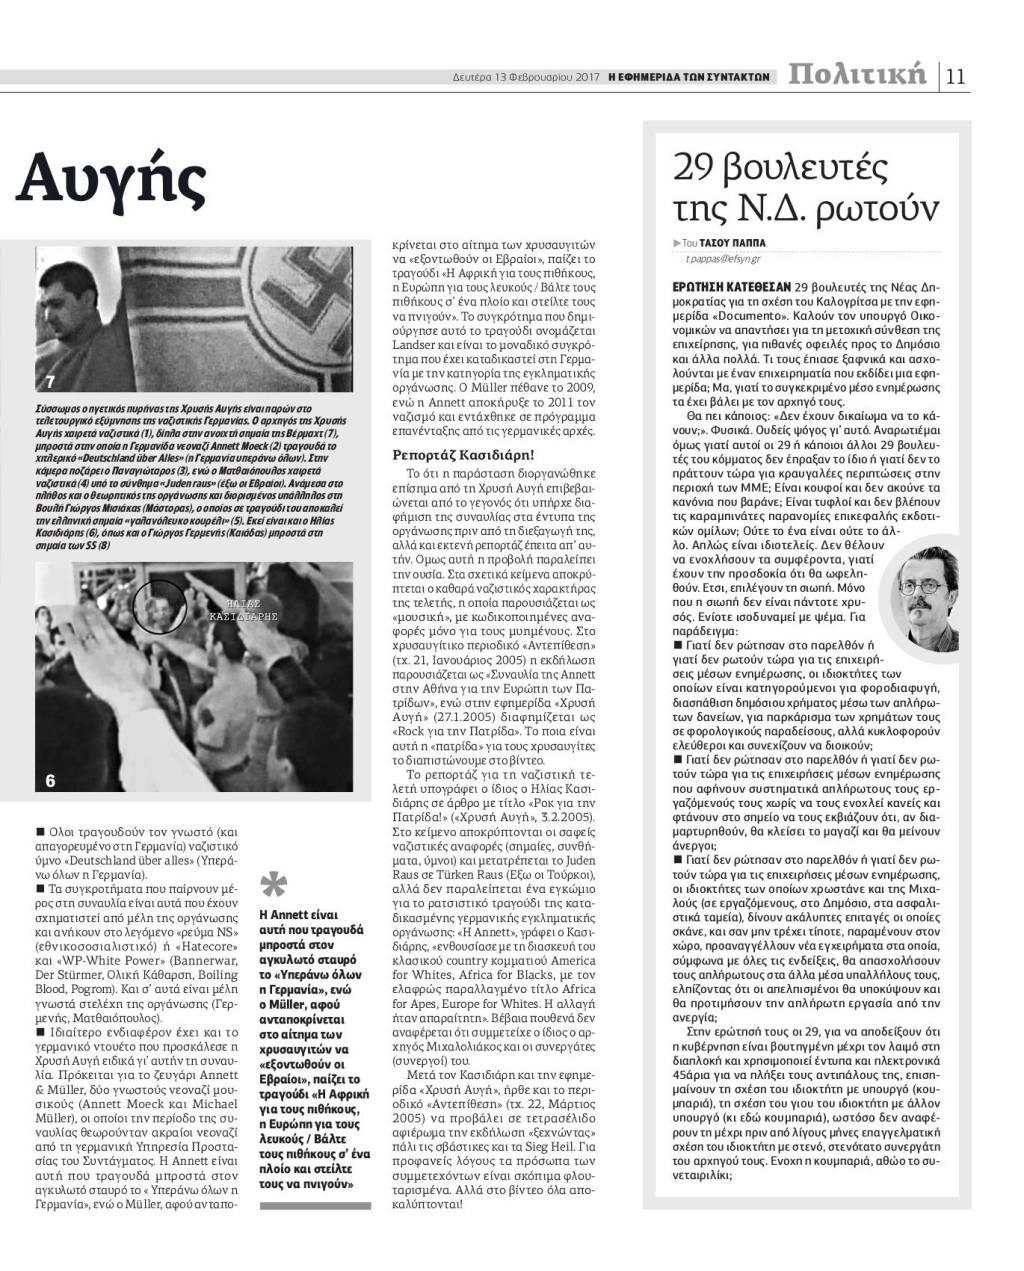 Εφημερίδα των Συντακτών, 13/02/2017, σελίδα 11: Χρυσή Αυγή: 'Είμαστε Γερμανοί Ναζί', Κουρέλι η γαλανόλευκη, Σημαία μας η σβάστικα